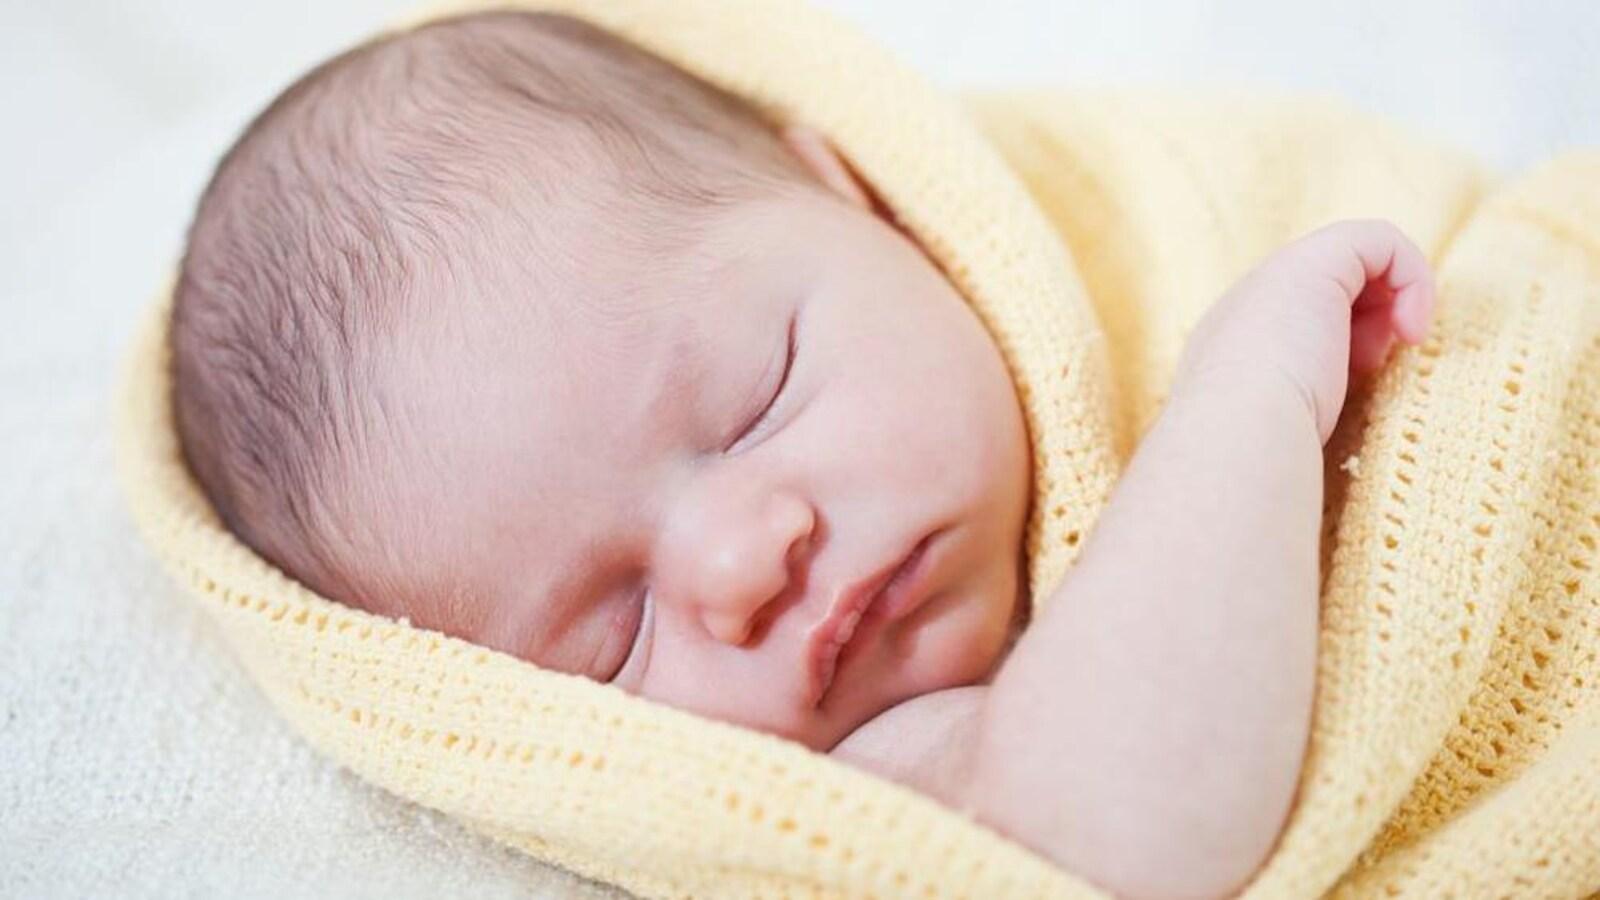 Un bébé nouveau-né dort, enveloppé dans une couverture.